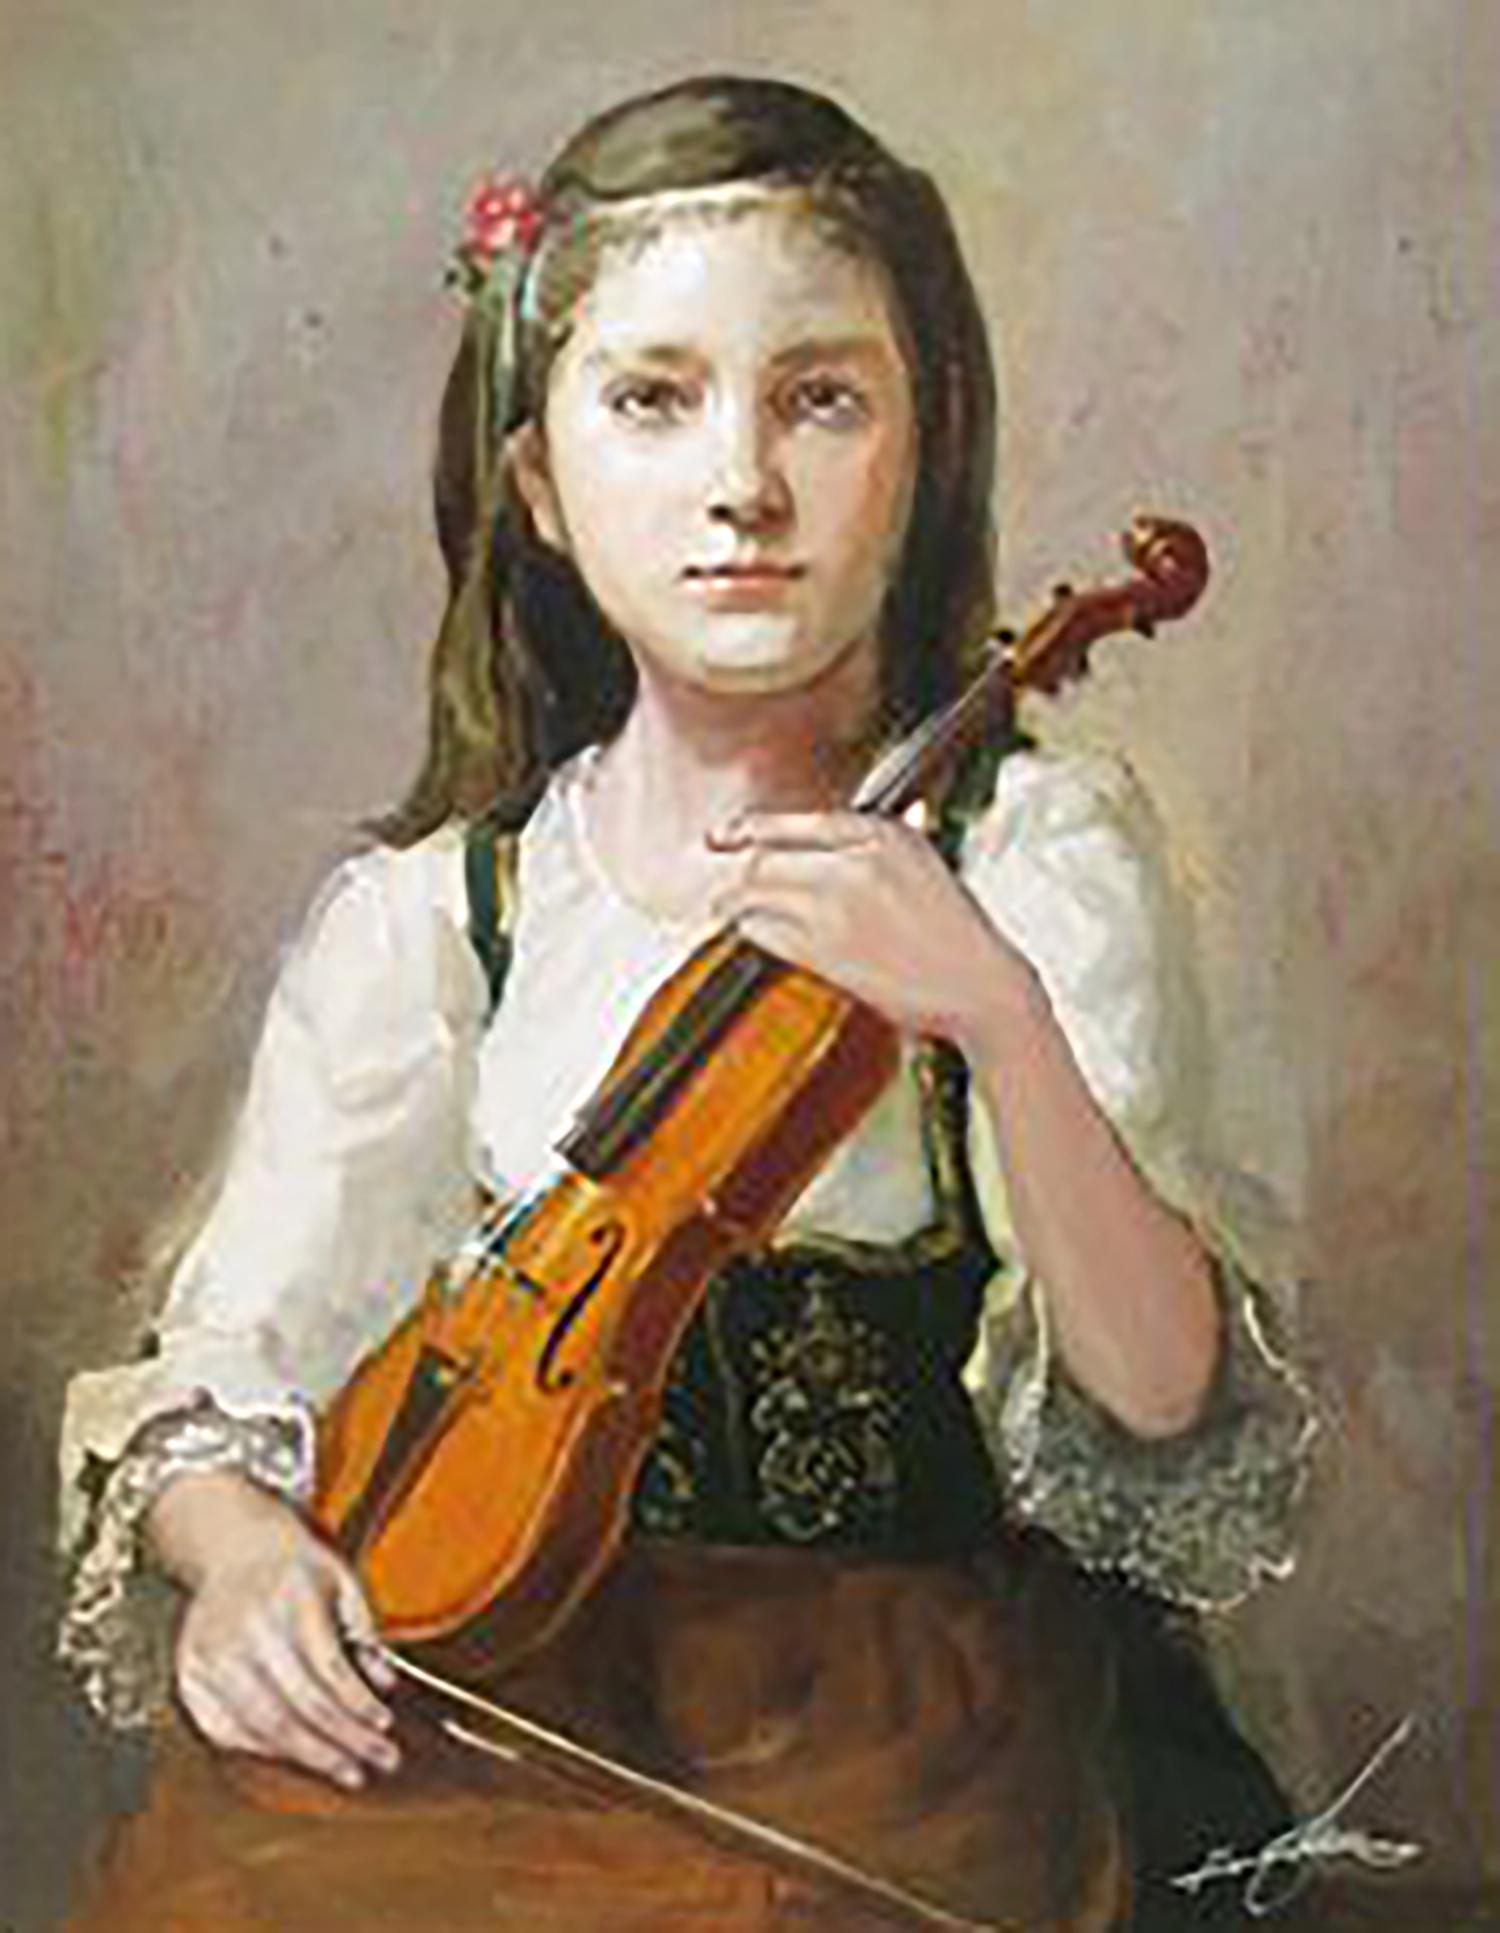 奥龍之介 バイオリンを抱く少女